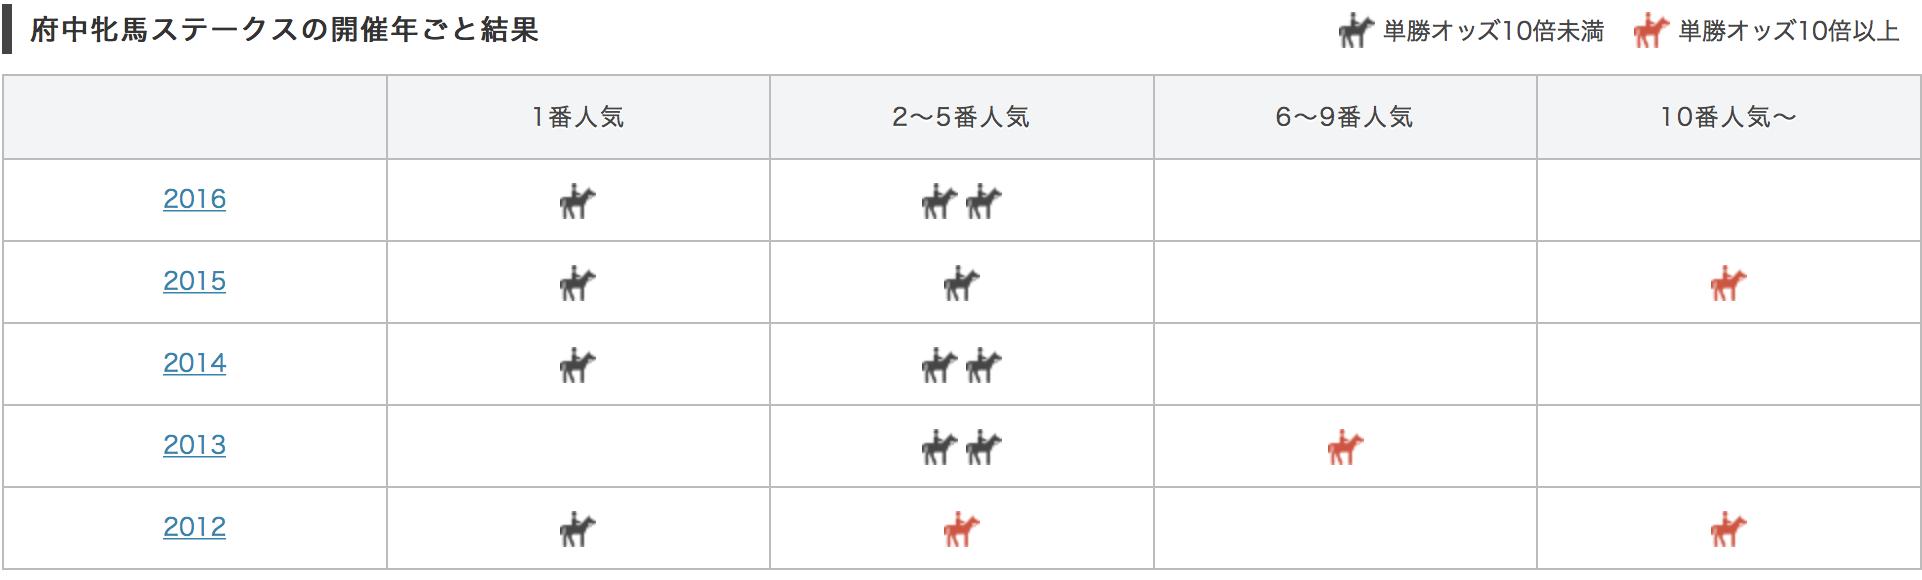 府中牝馬ステークス2017単勝人気別データ